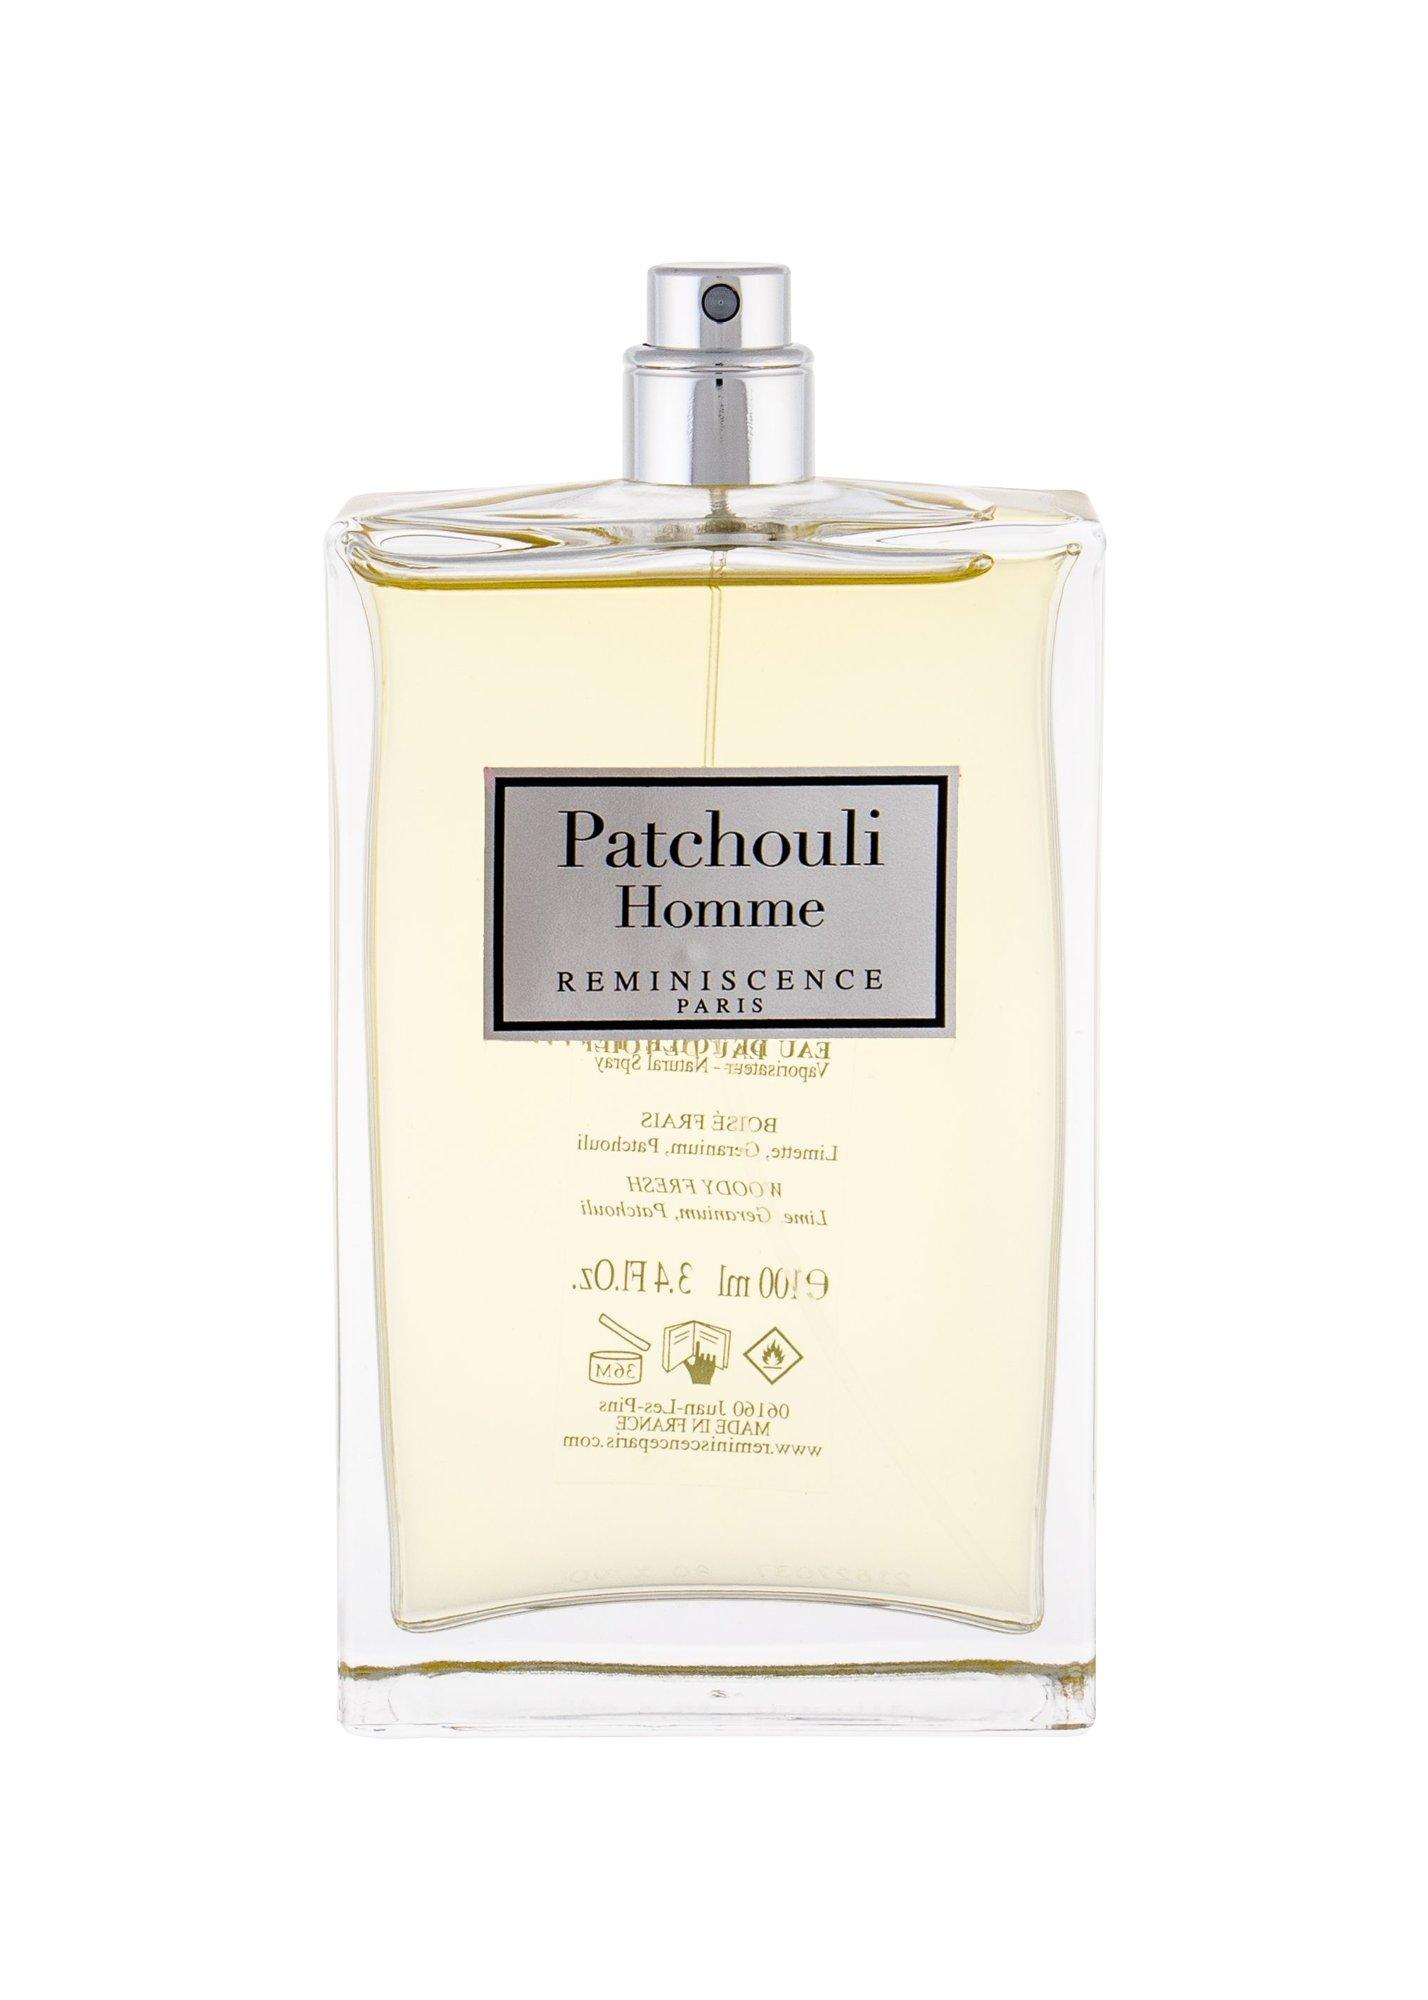 Reminiscence Patchouli Homme Eau de Toilette 100ml